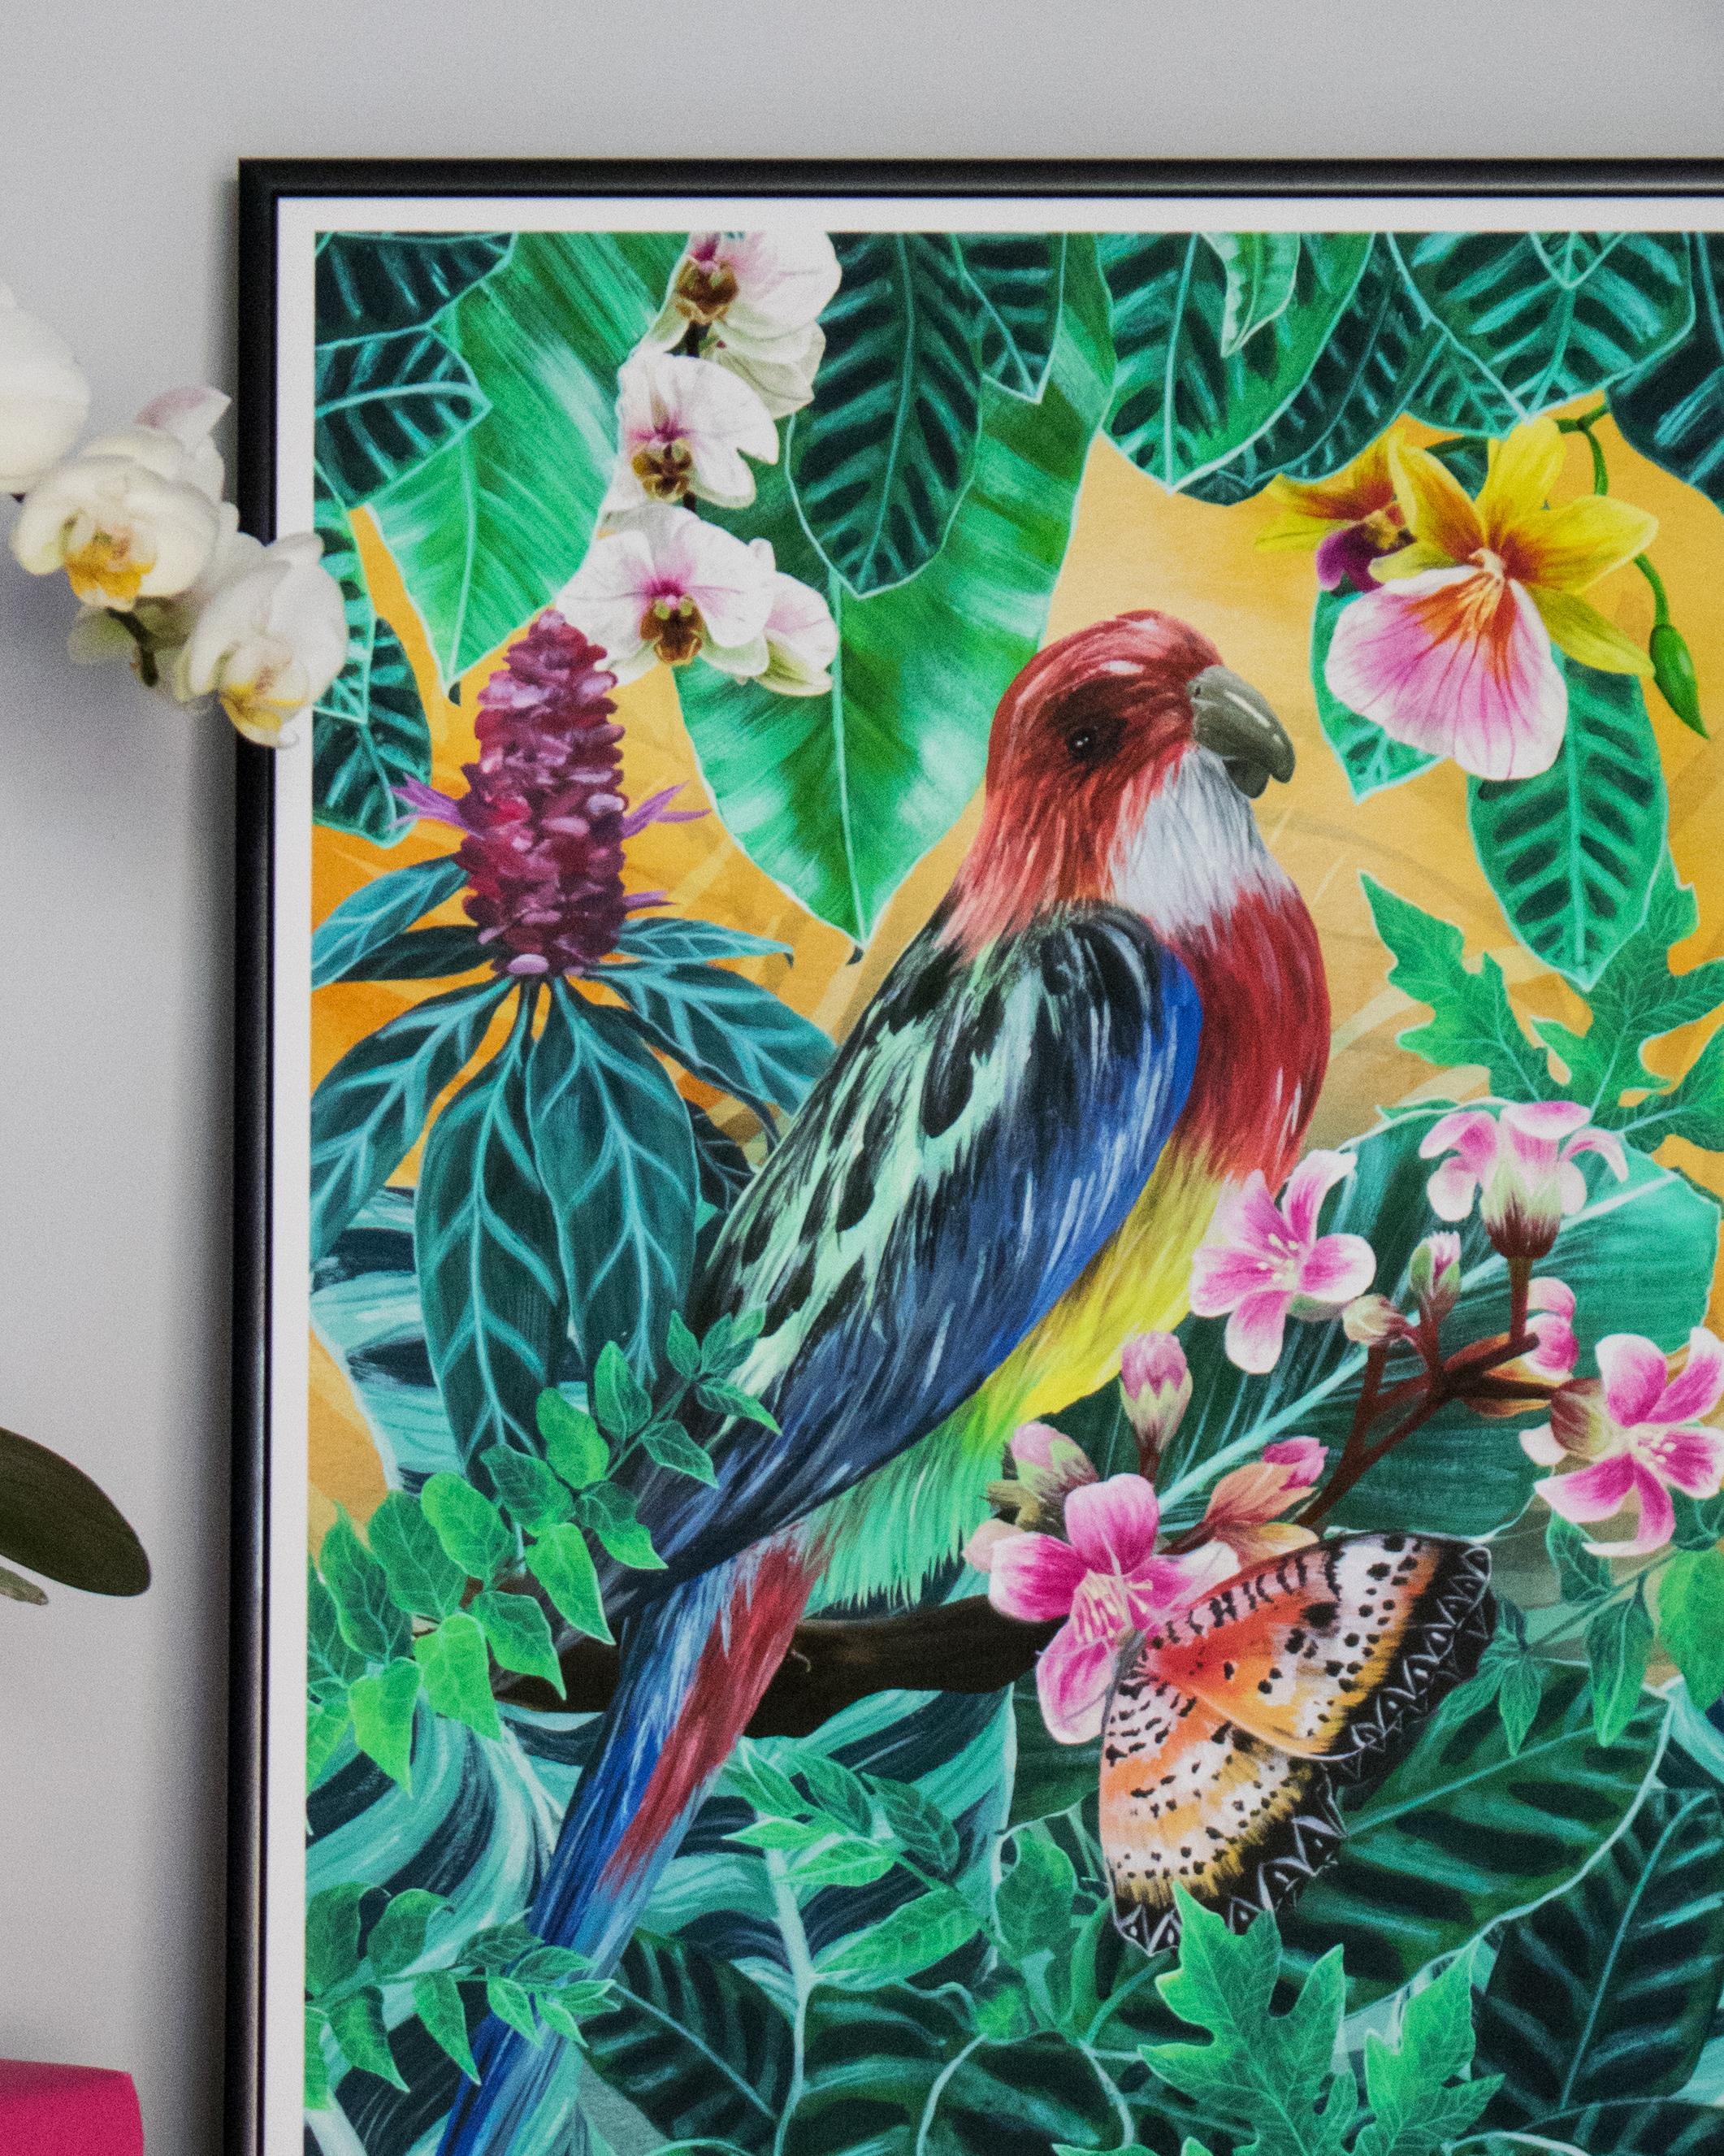 A Parrot's Paradise -